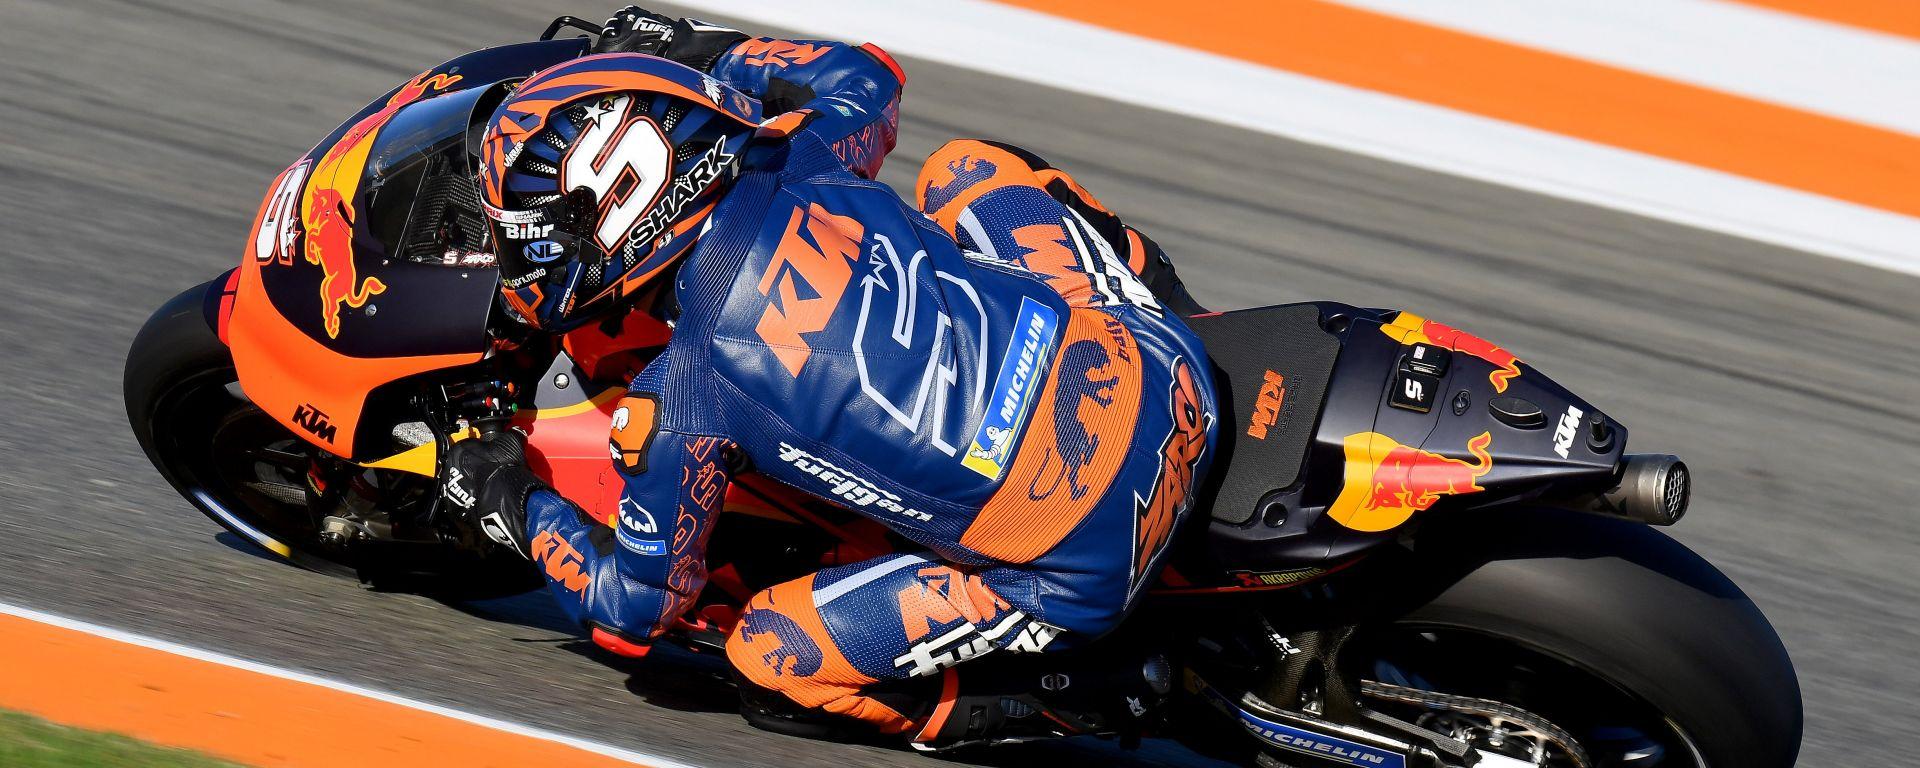 Johann Zarco con il casco Race-R Pro GP, l'unico omologato FIM